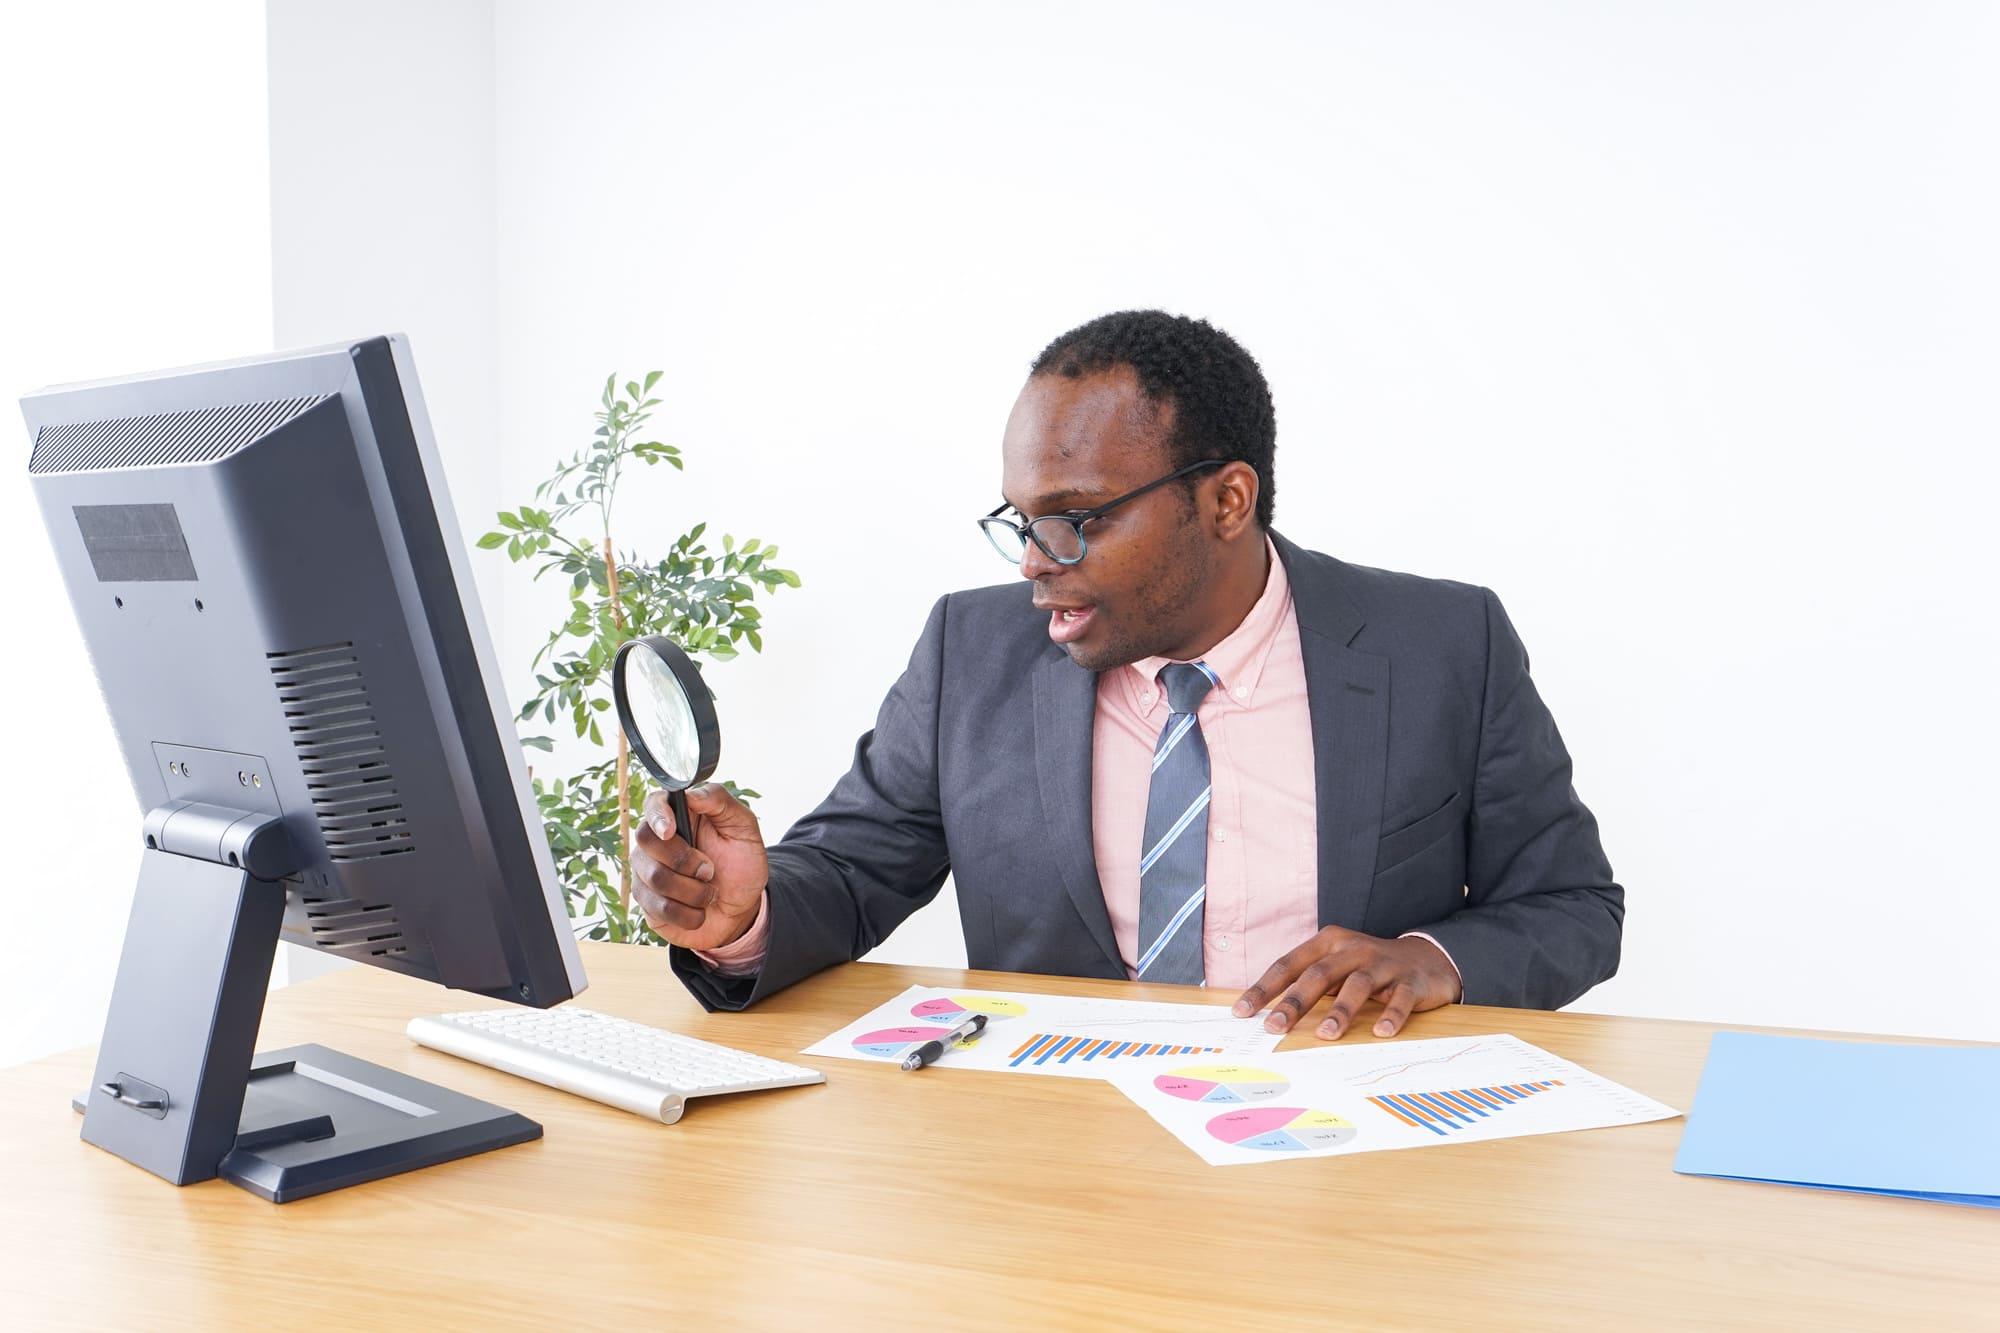 個人事業主になるには?開業届から確定申告までの流れとメリットを解説